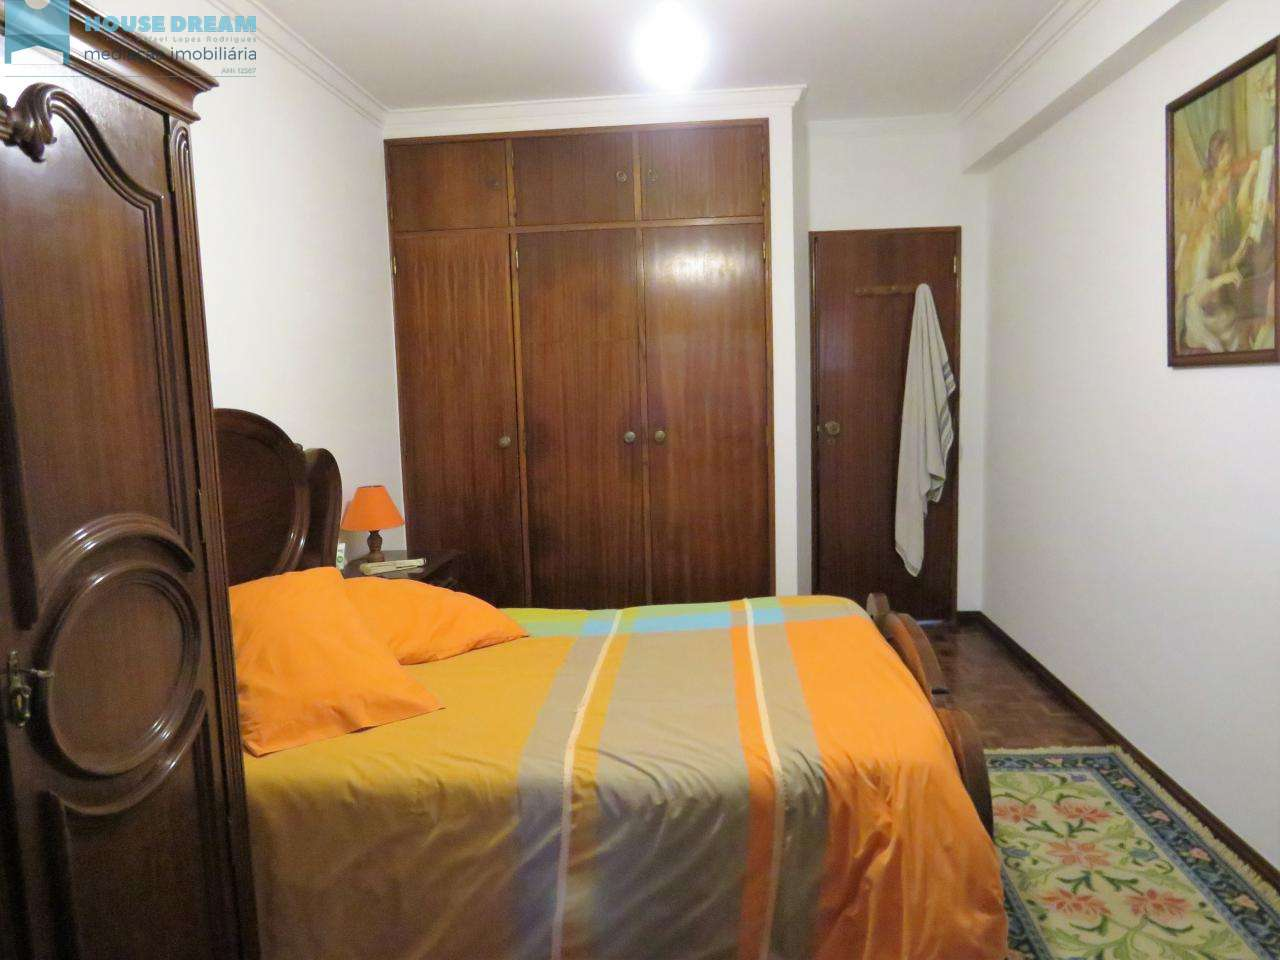 Apartamento para comprar, Santo Isidoro, Lisboa - Foto 11